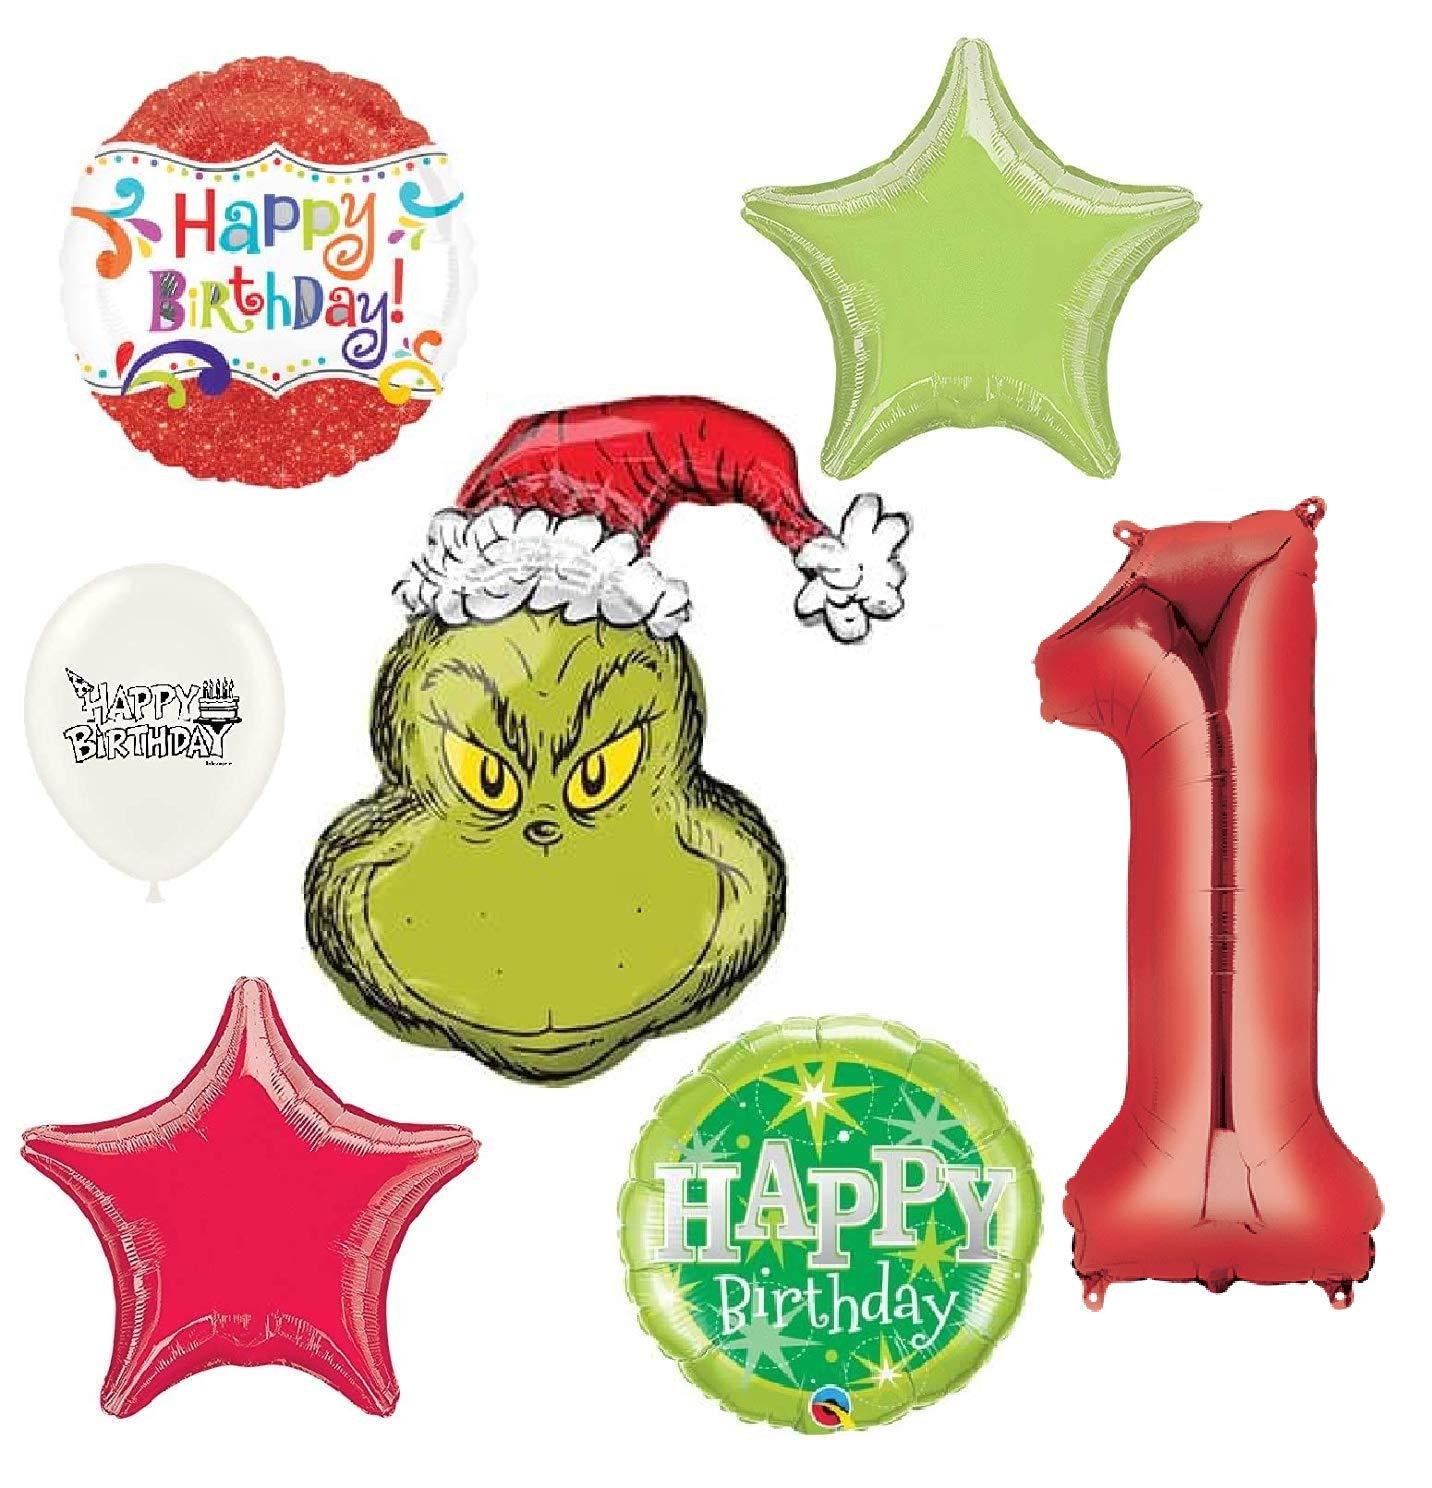 The Grinch Wishes You a Happy 1歳の誕生日パーティーデコレーションバルーンブーケバンドル   B07HKX711N